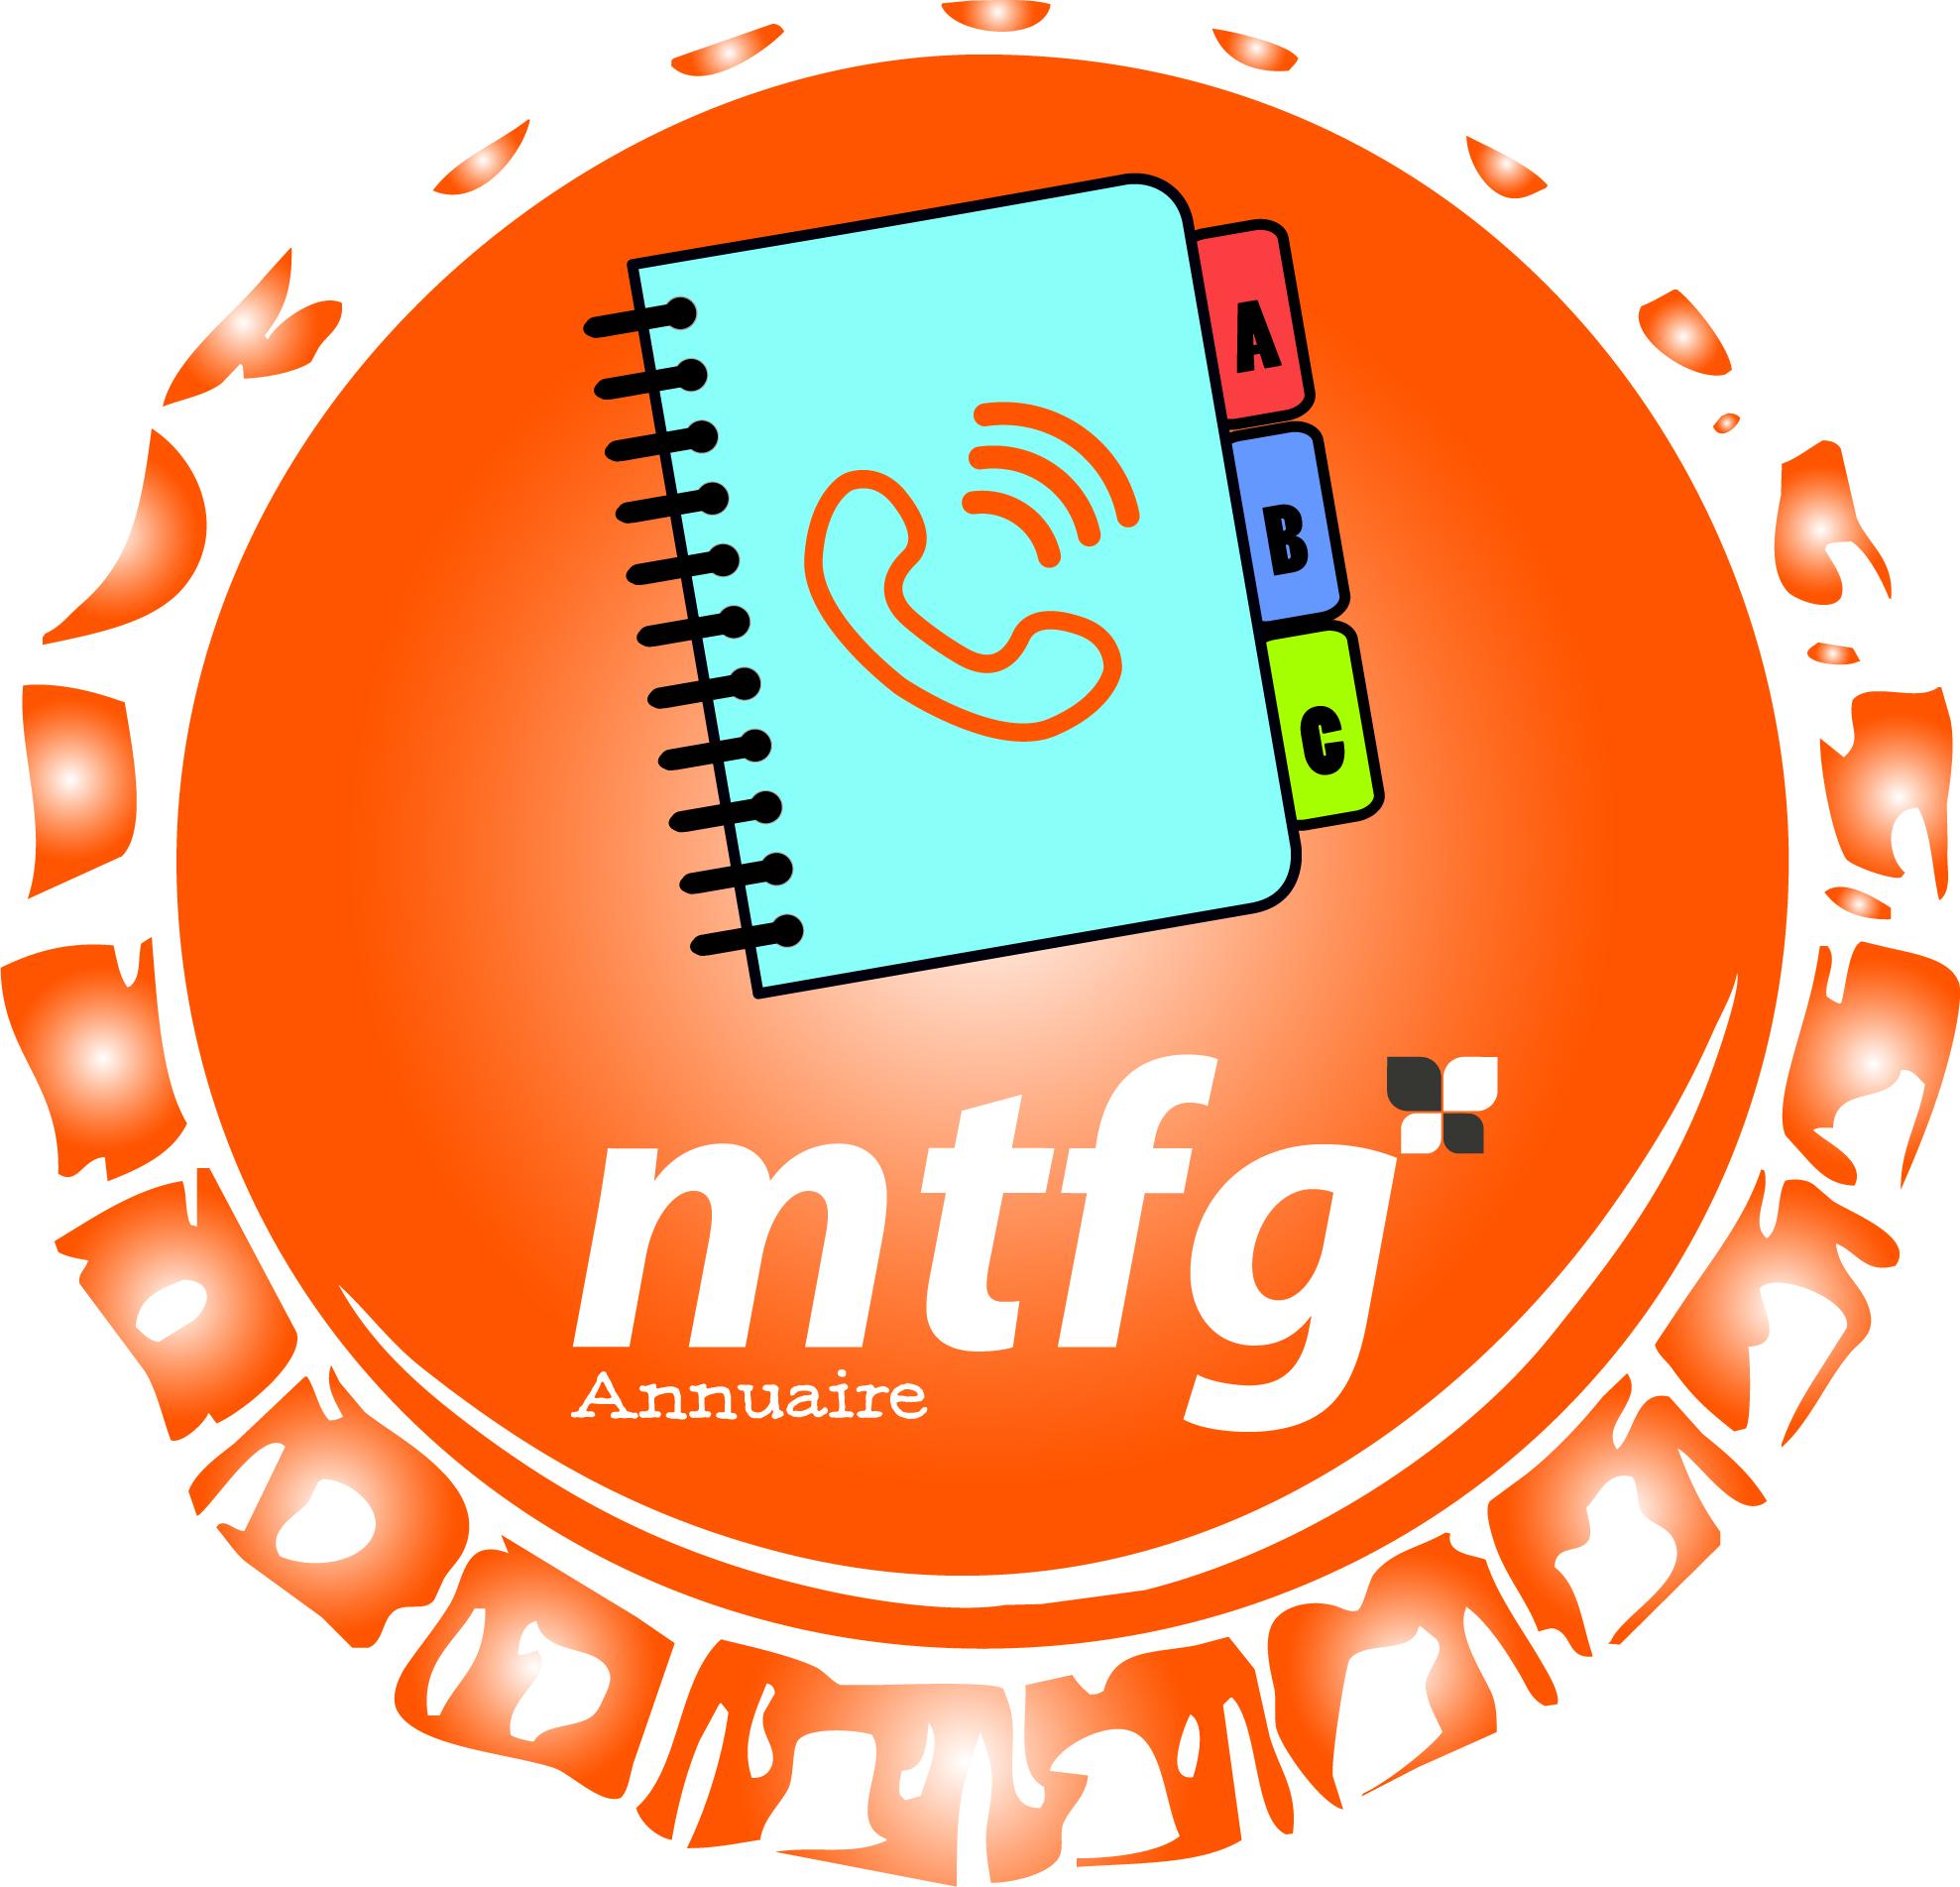 MTFG Annuaire